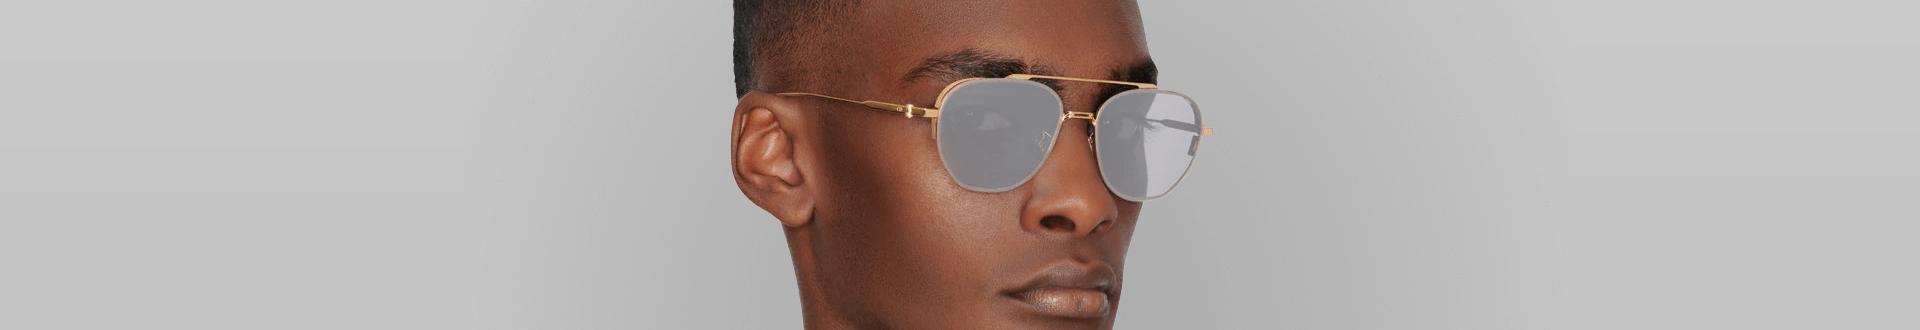 Homem negro usando óculos Dior Homme masculino de sol, no formato aviador dourado